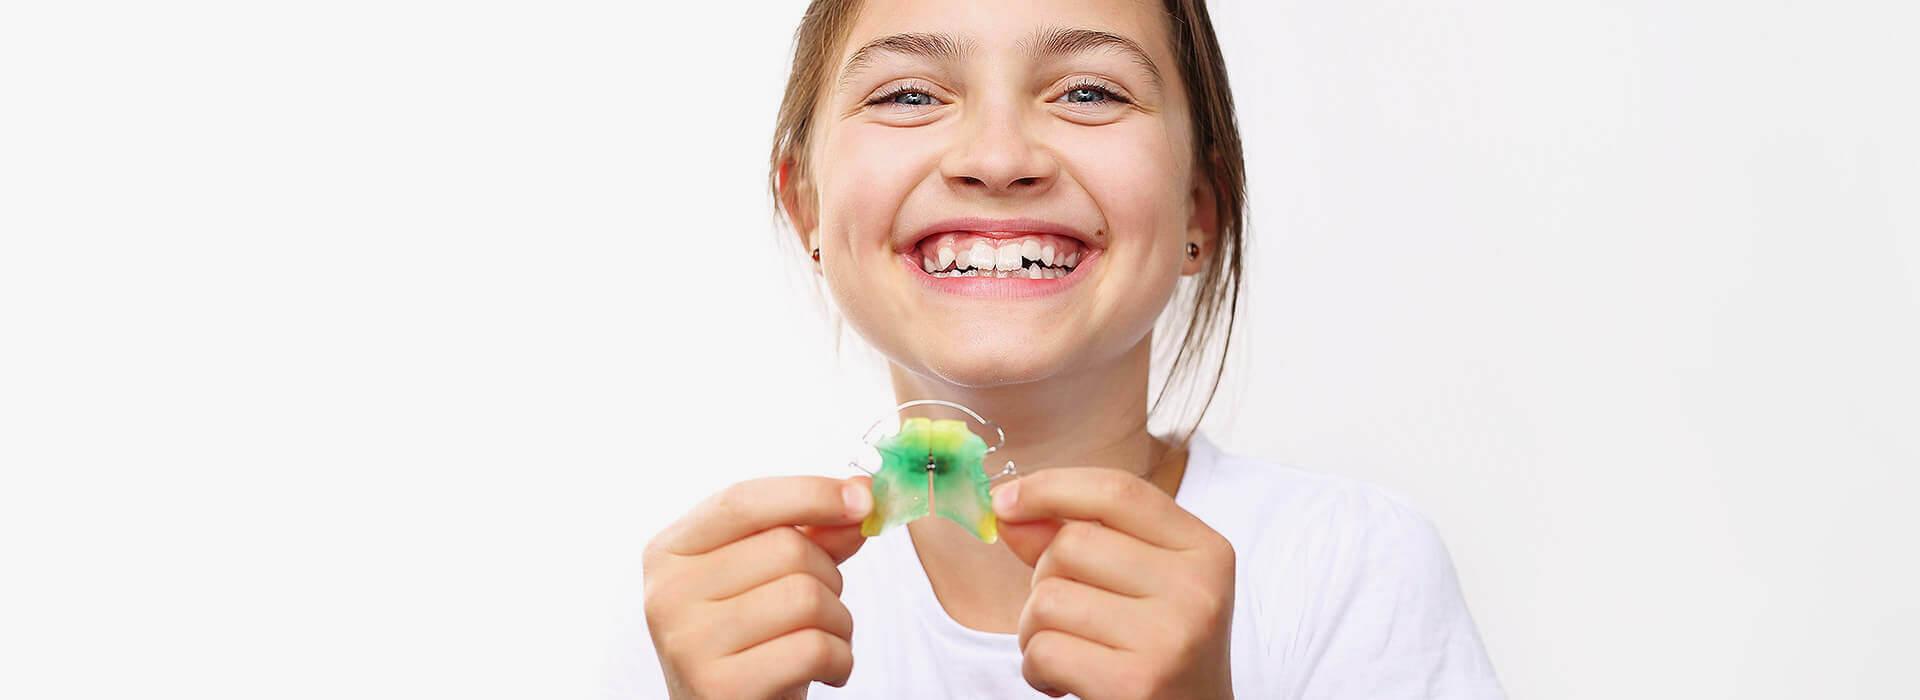 Feste Zahnspangen in Hannover - Individuelle Zahnklammern in der Zahnspangenwelt